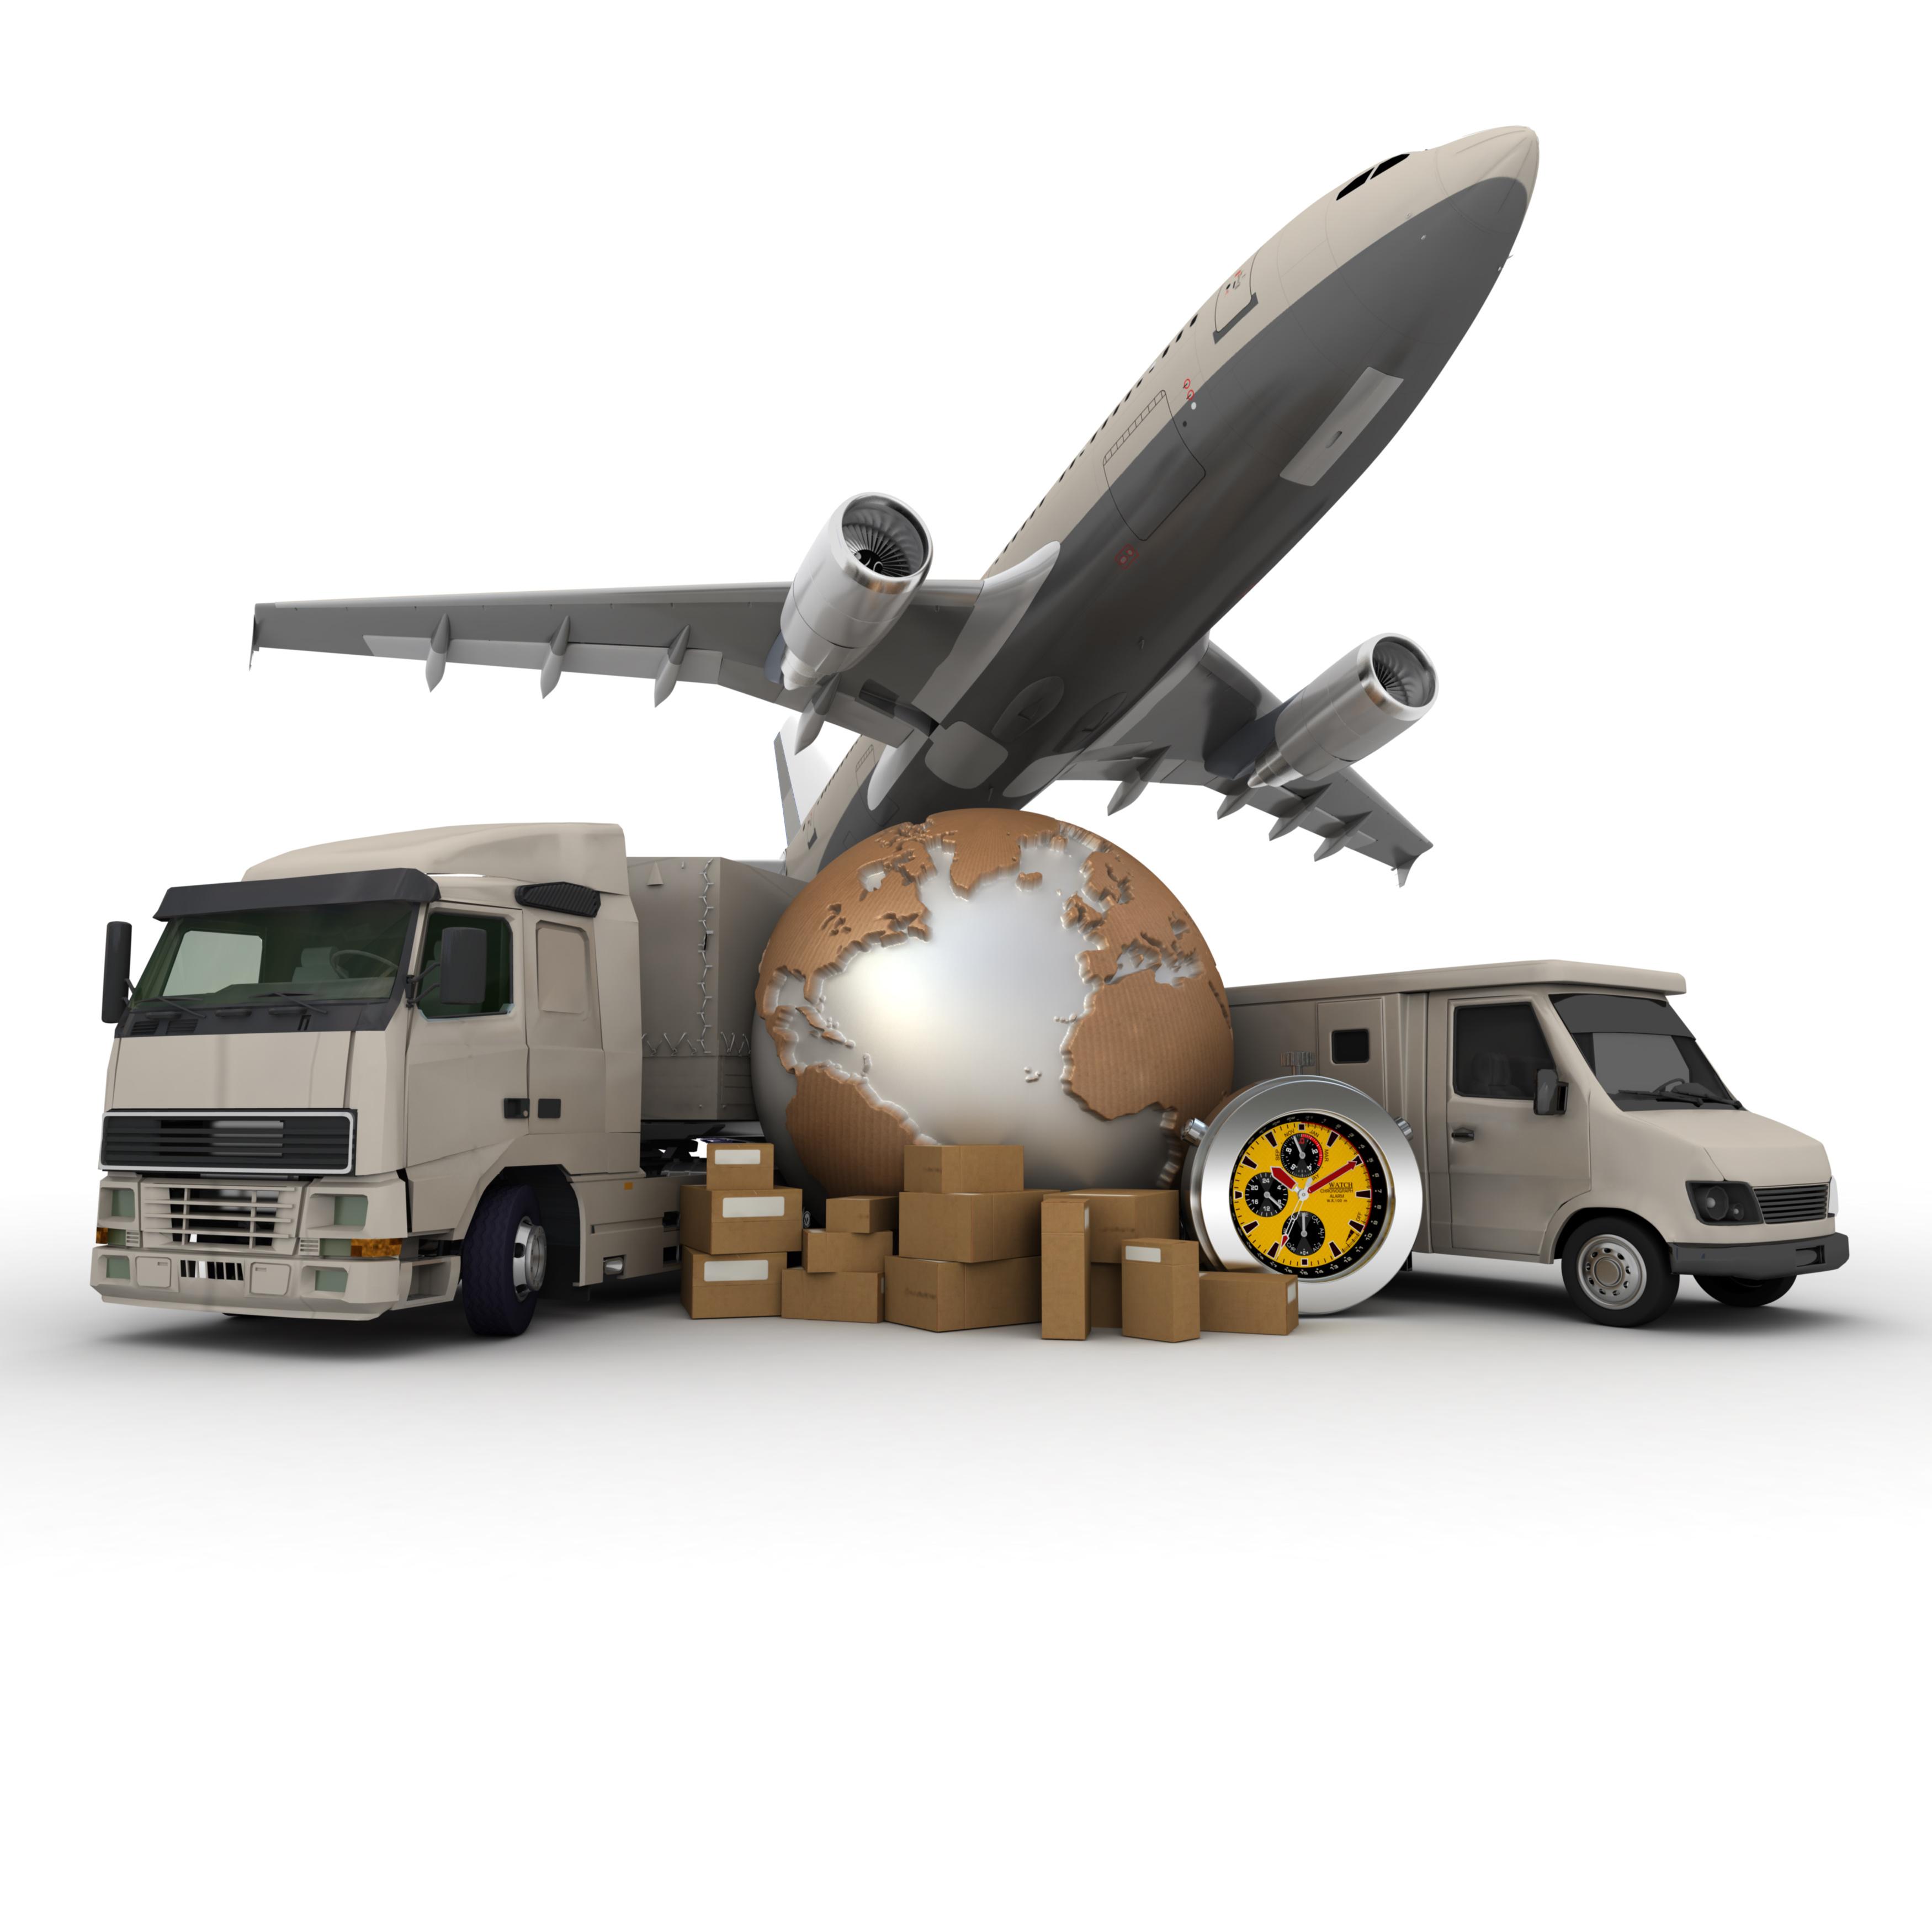 香港进口清关到成都,香港到成都物流,香港到成都的清关货代 国际运输清关